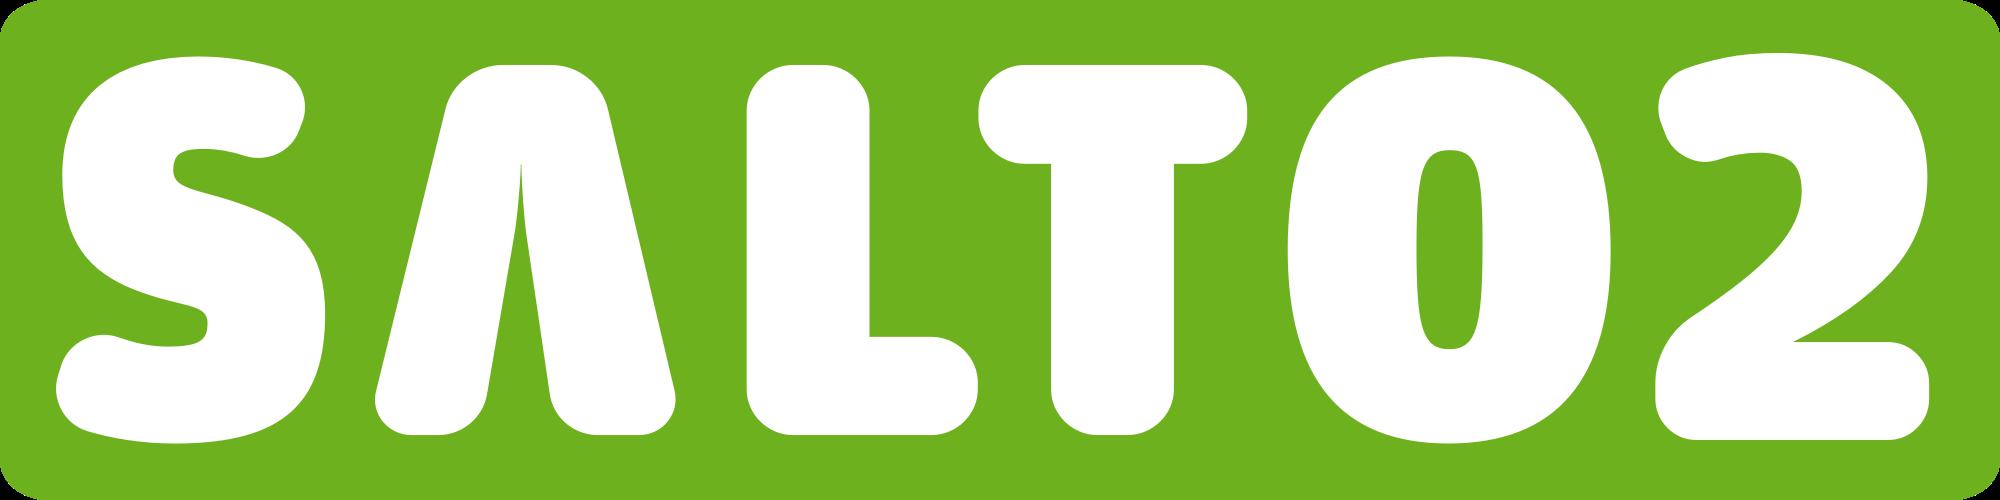 salto2 logo